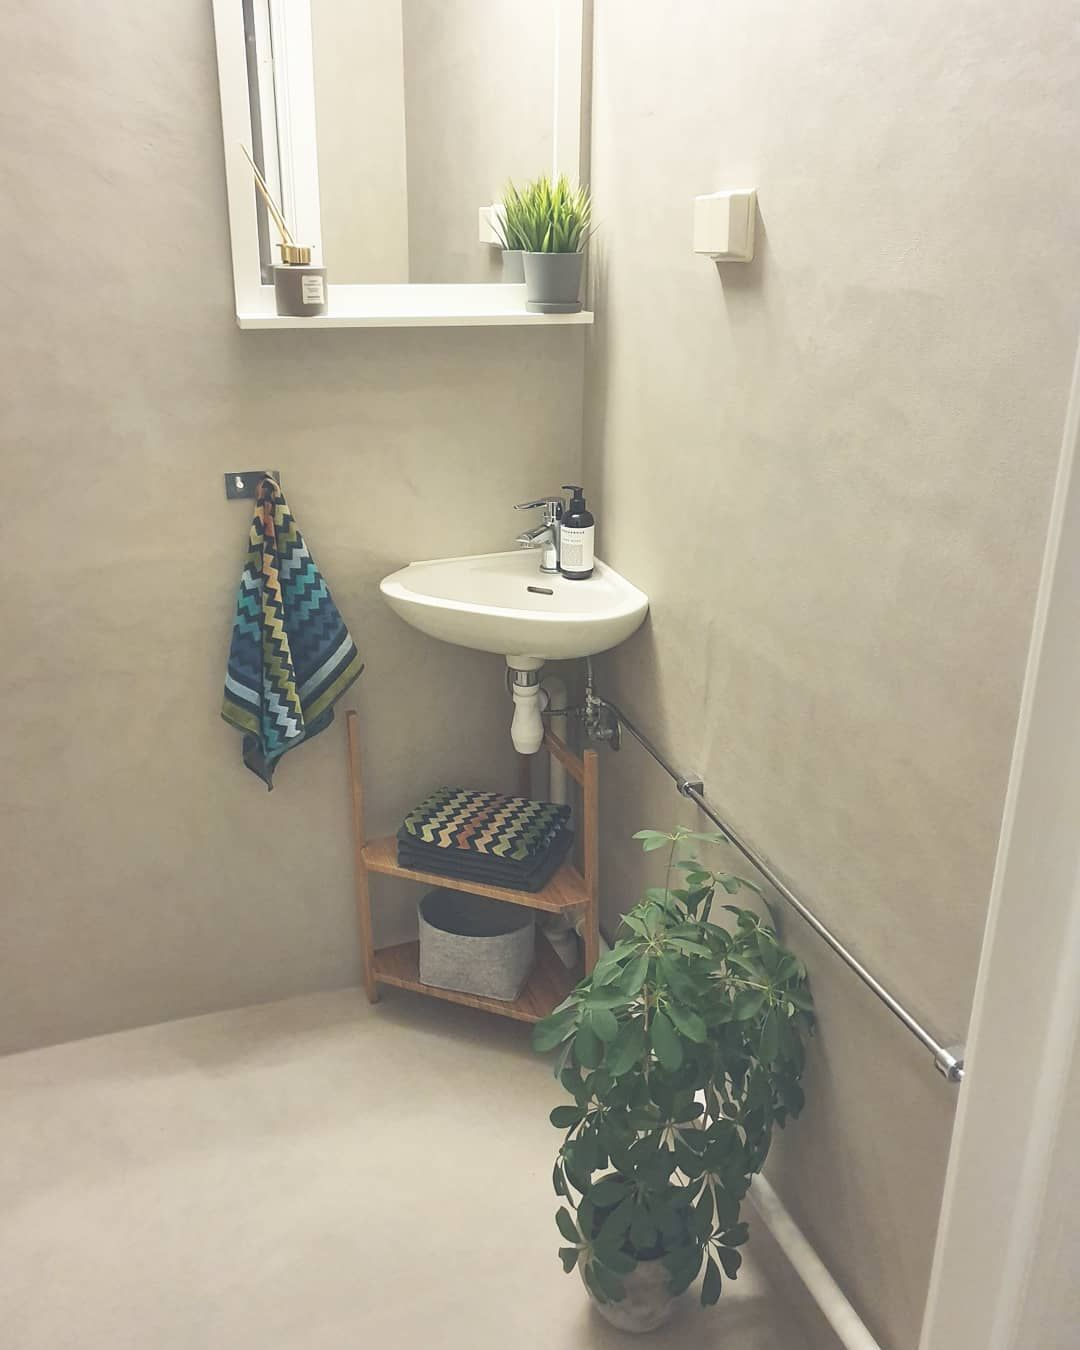 Walcut Usbr1031 Badezimmer Wandhalterung Rechteck Weiss Porzellan Keramik Waschbecken Chrom Wasserhahn House Design Interior Decorating Decor